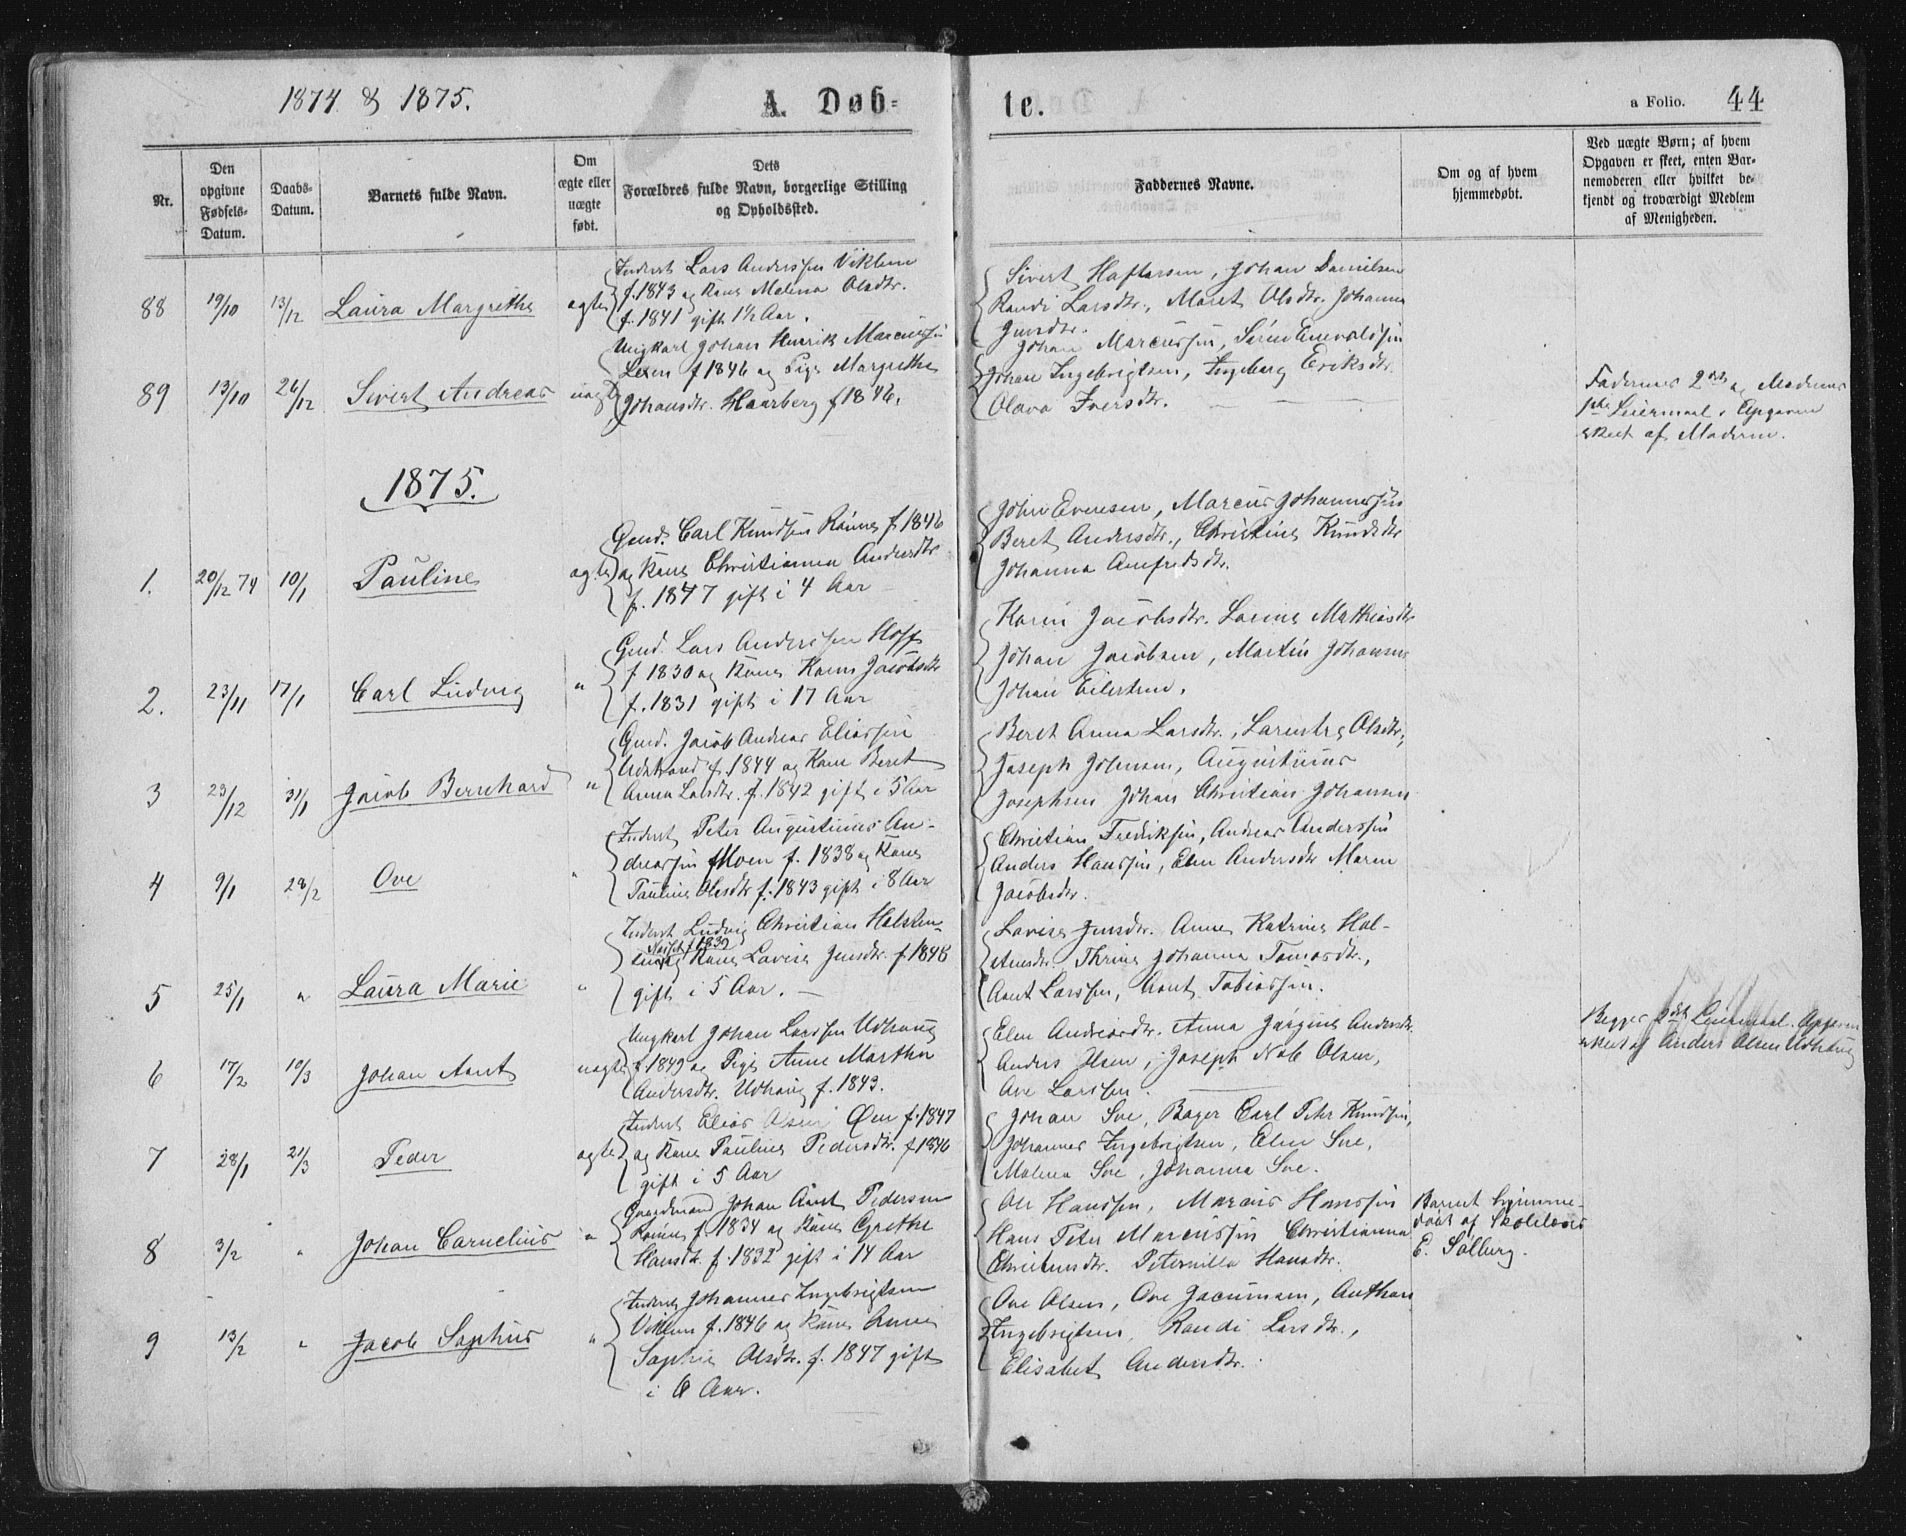 SAT, Ministerialprotokoller, klokkerbøker og fødselsregistre - Sør-Trøndelag, 659/L0745: Klokkerbok nr. 659C02, 1869-1892, s. 44